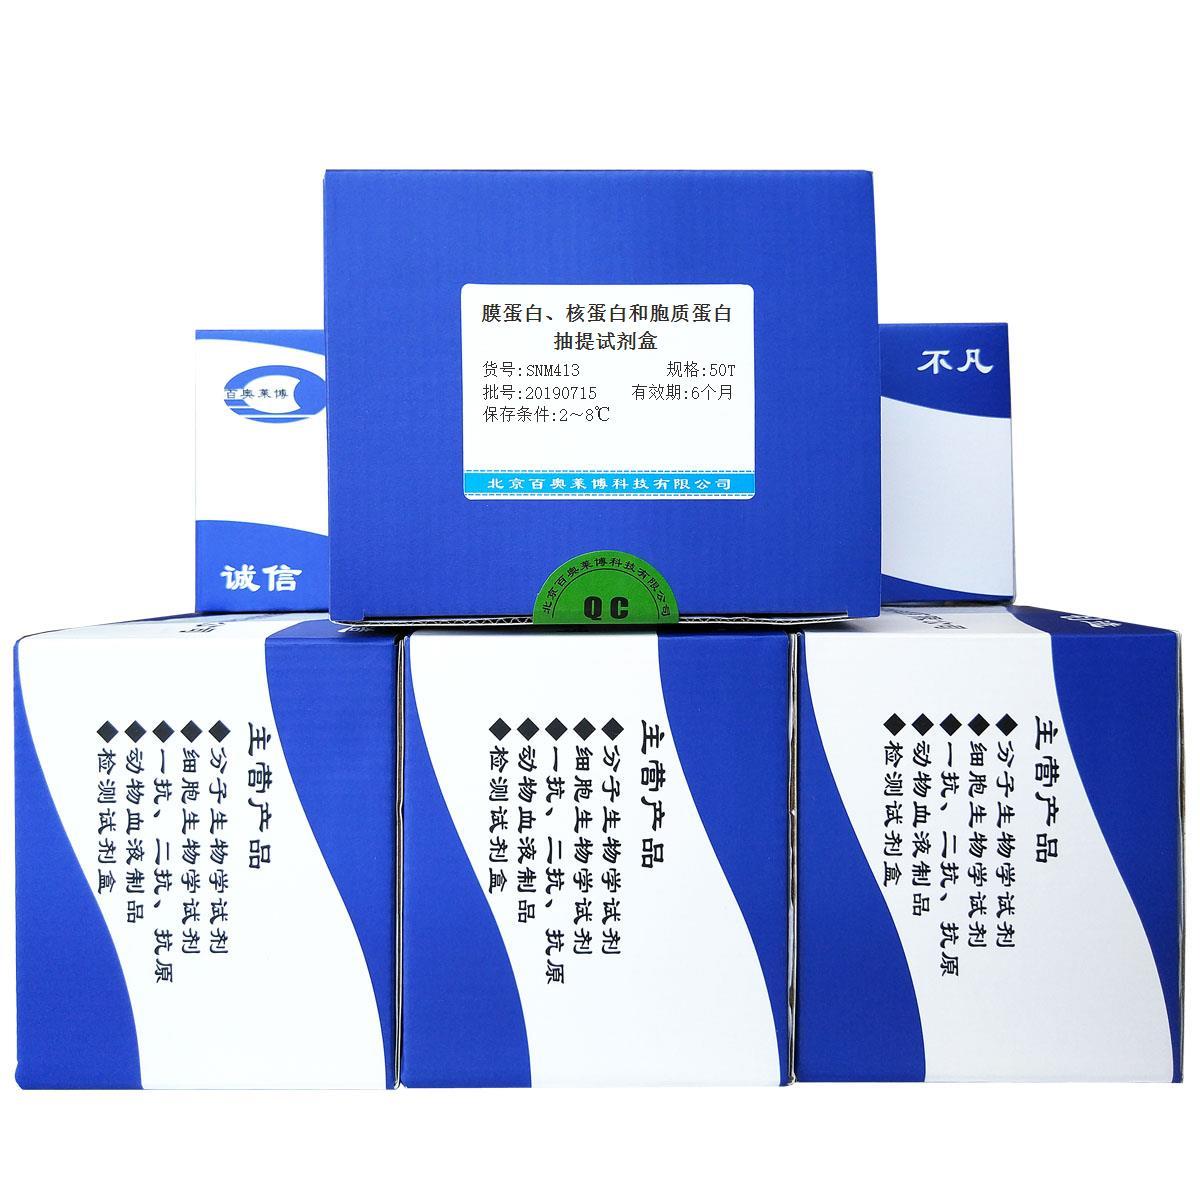 膜蛋白、核蛋白和胞质蛋白抽提试剂盒优惠促销